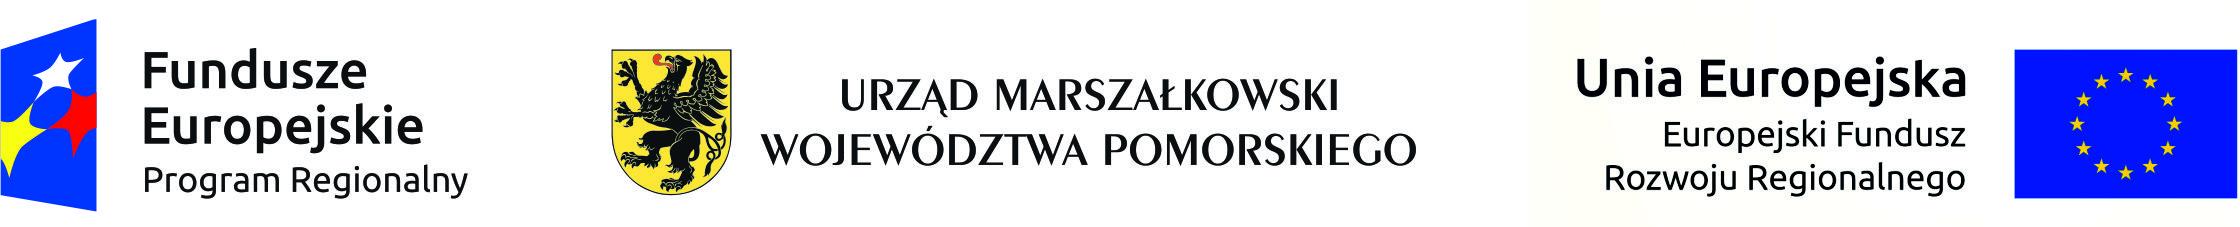 Logo fundusze